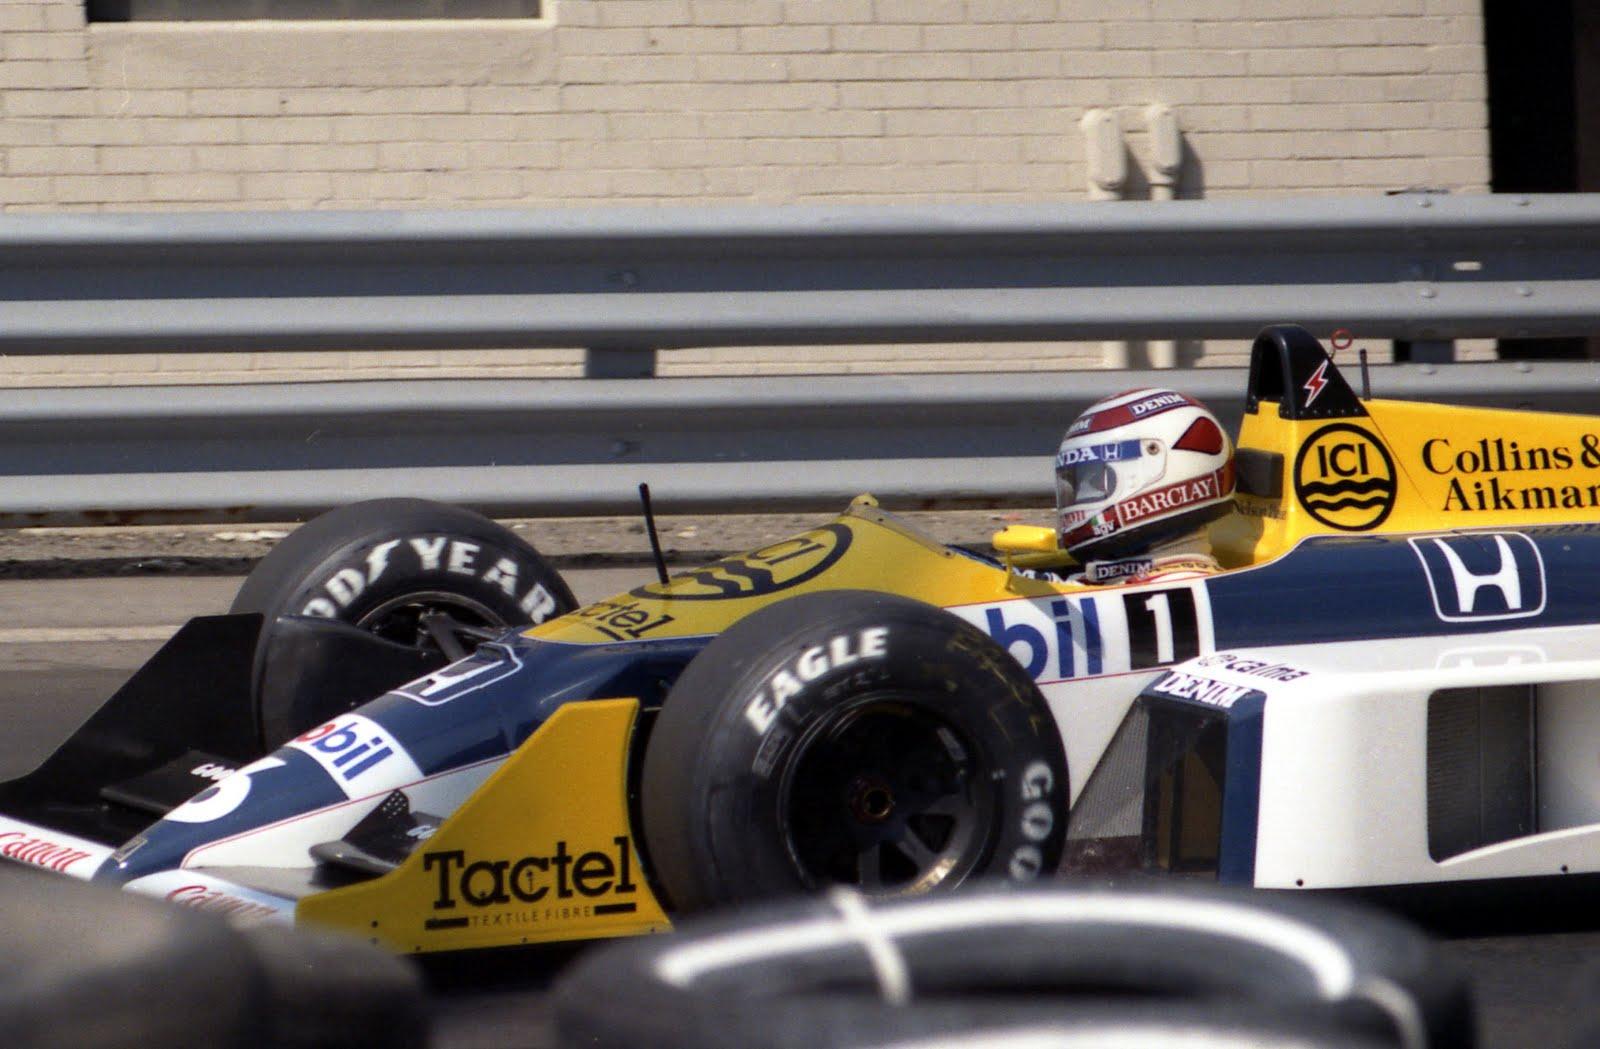 http://2.bp.blogspot.com/-tNjNrJDtQ10/TksOUuYbTDI/AAAAAAAAI7Y/8-m5E3YelS8/s1600/1987+%25236+Nelson+Piquet+Williams+FW11B+Detroit+%25282%2529.jpg